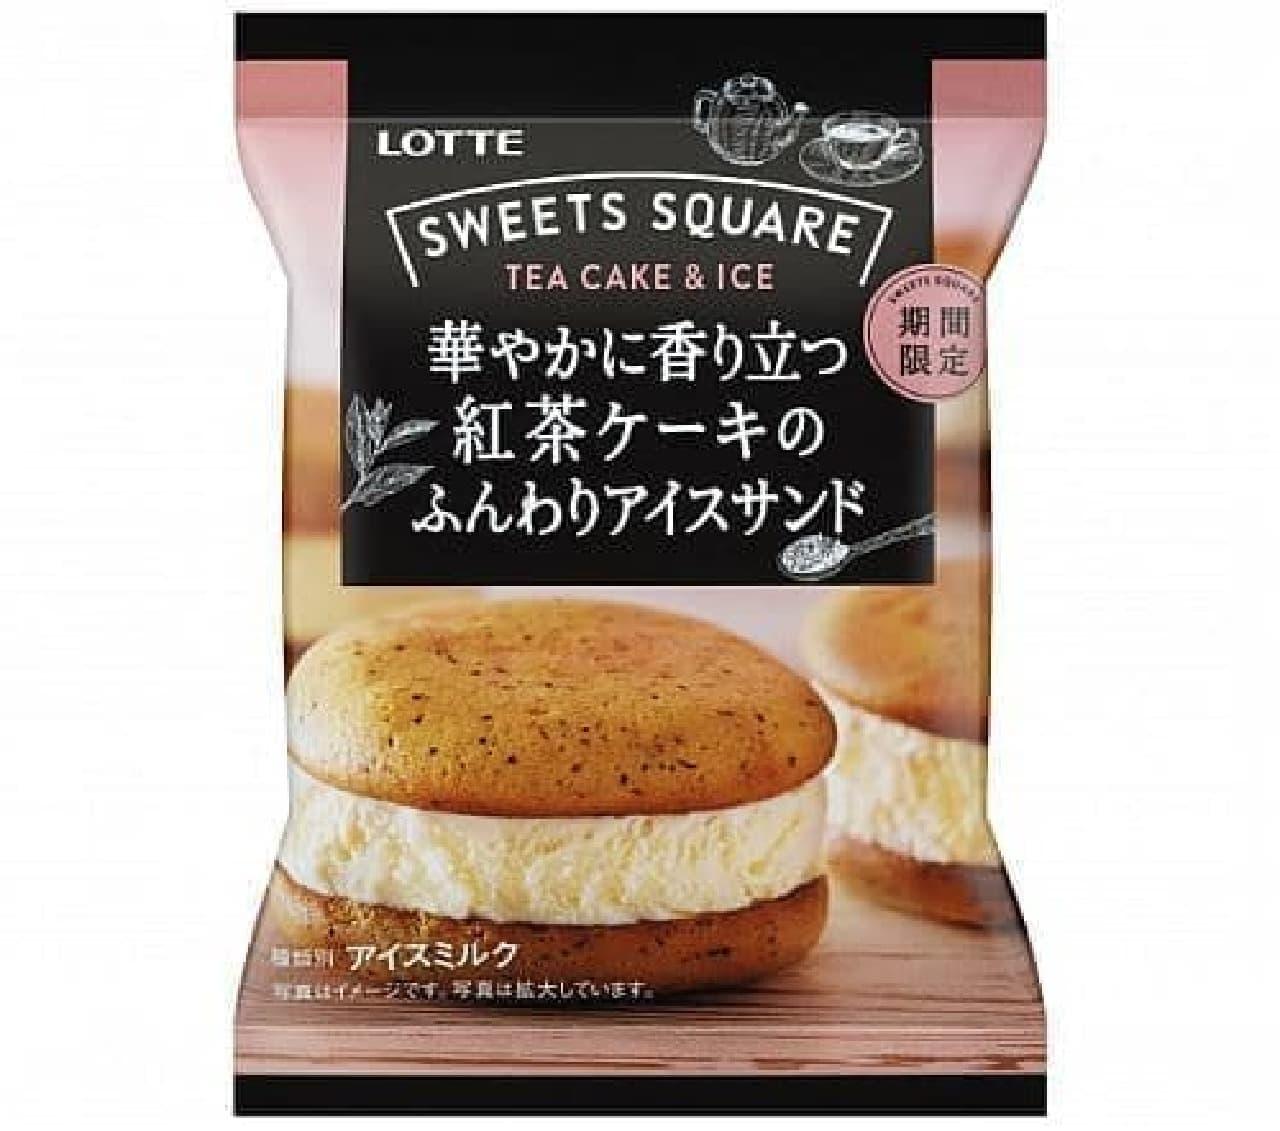 ロッテアイス「華やかに香り立つ紅茶ケーキのふんわりアイスサンド」